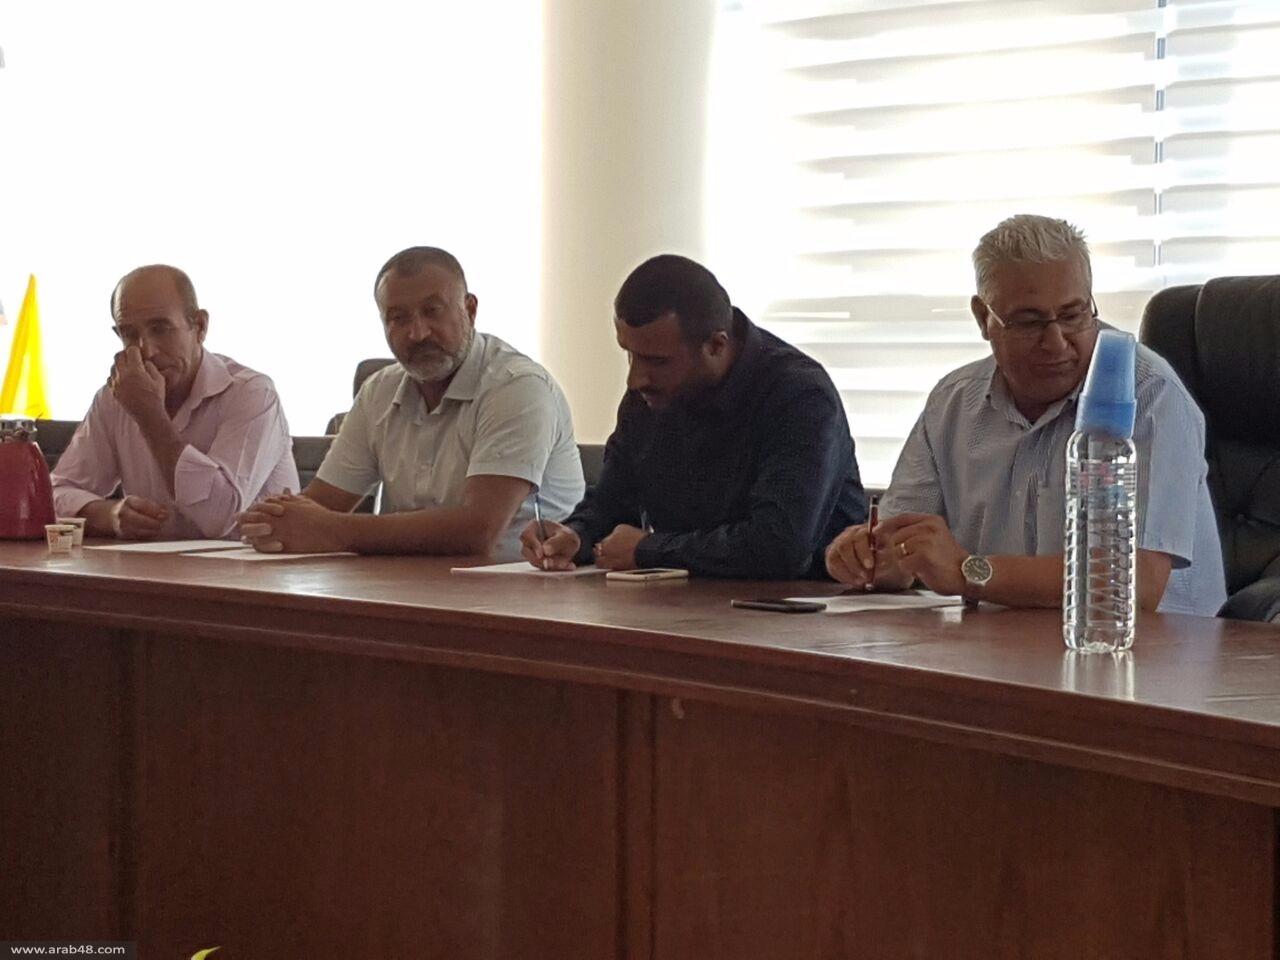 سخنين: اجتماع تحضيري لاستقبال المسيرة المركزية لهبة القدس